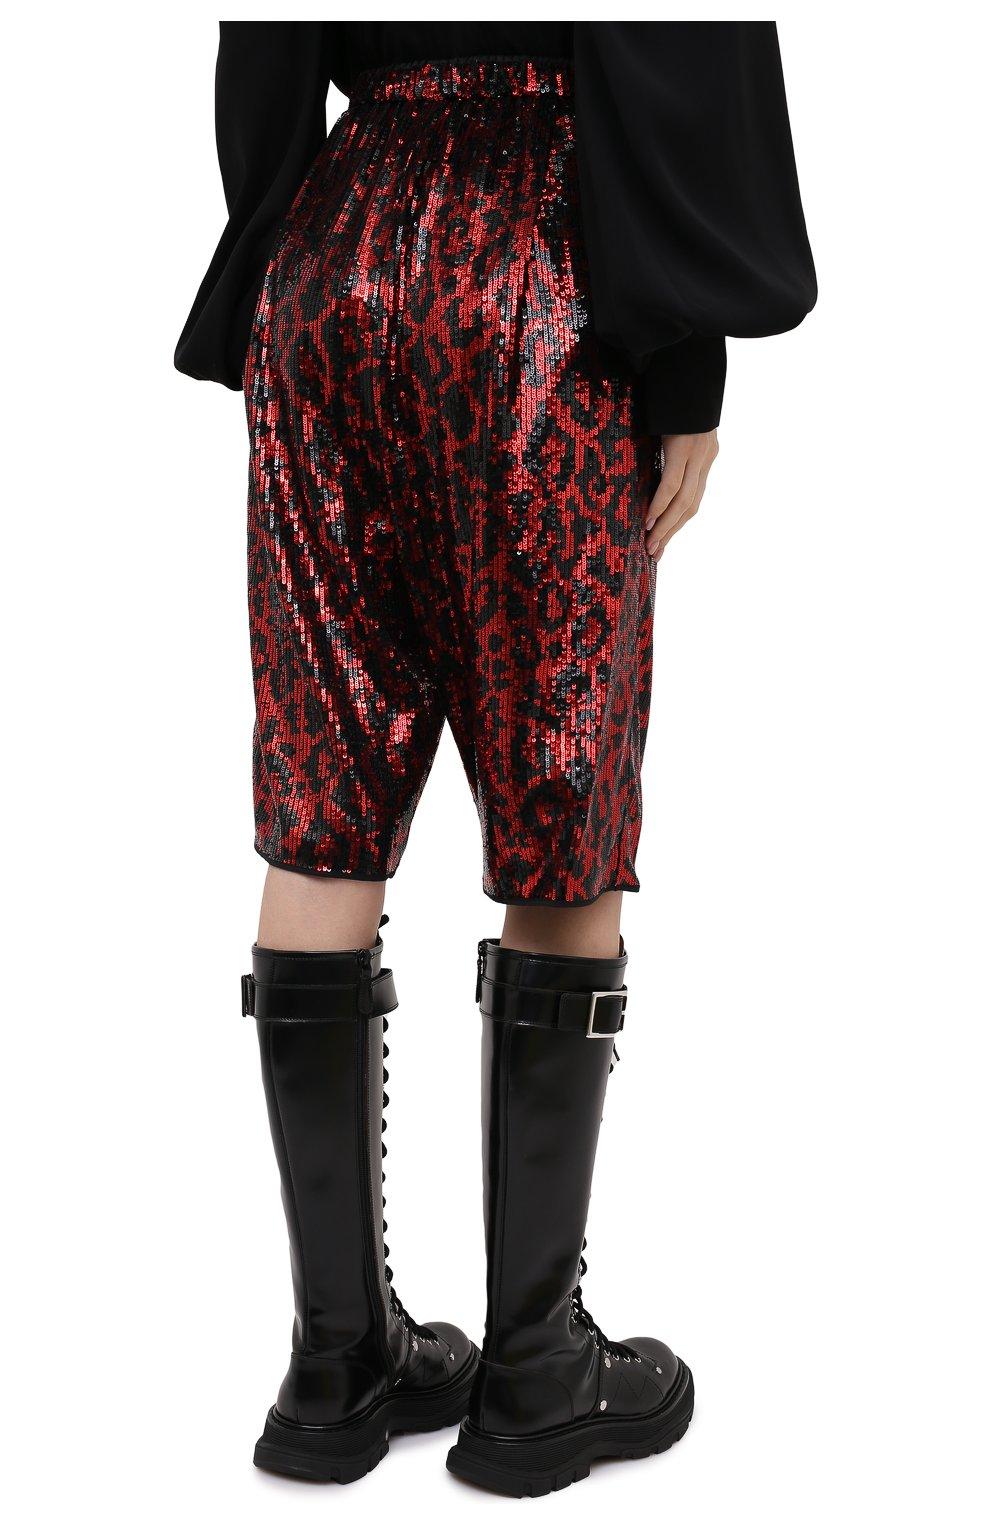 Женские шорты с пайетками N21 красного цвета, арт. 20I N2M0/D011/5A45 | Фото 4 (Женское Кросс-КТ: Шорты-одежда; Стили: Гламурный; Материал внешний: Синтетический материал; Кросс-КТ: Широкие; Длина Ж (юбки, платья, шорты): До колена)